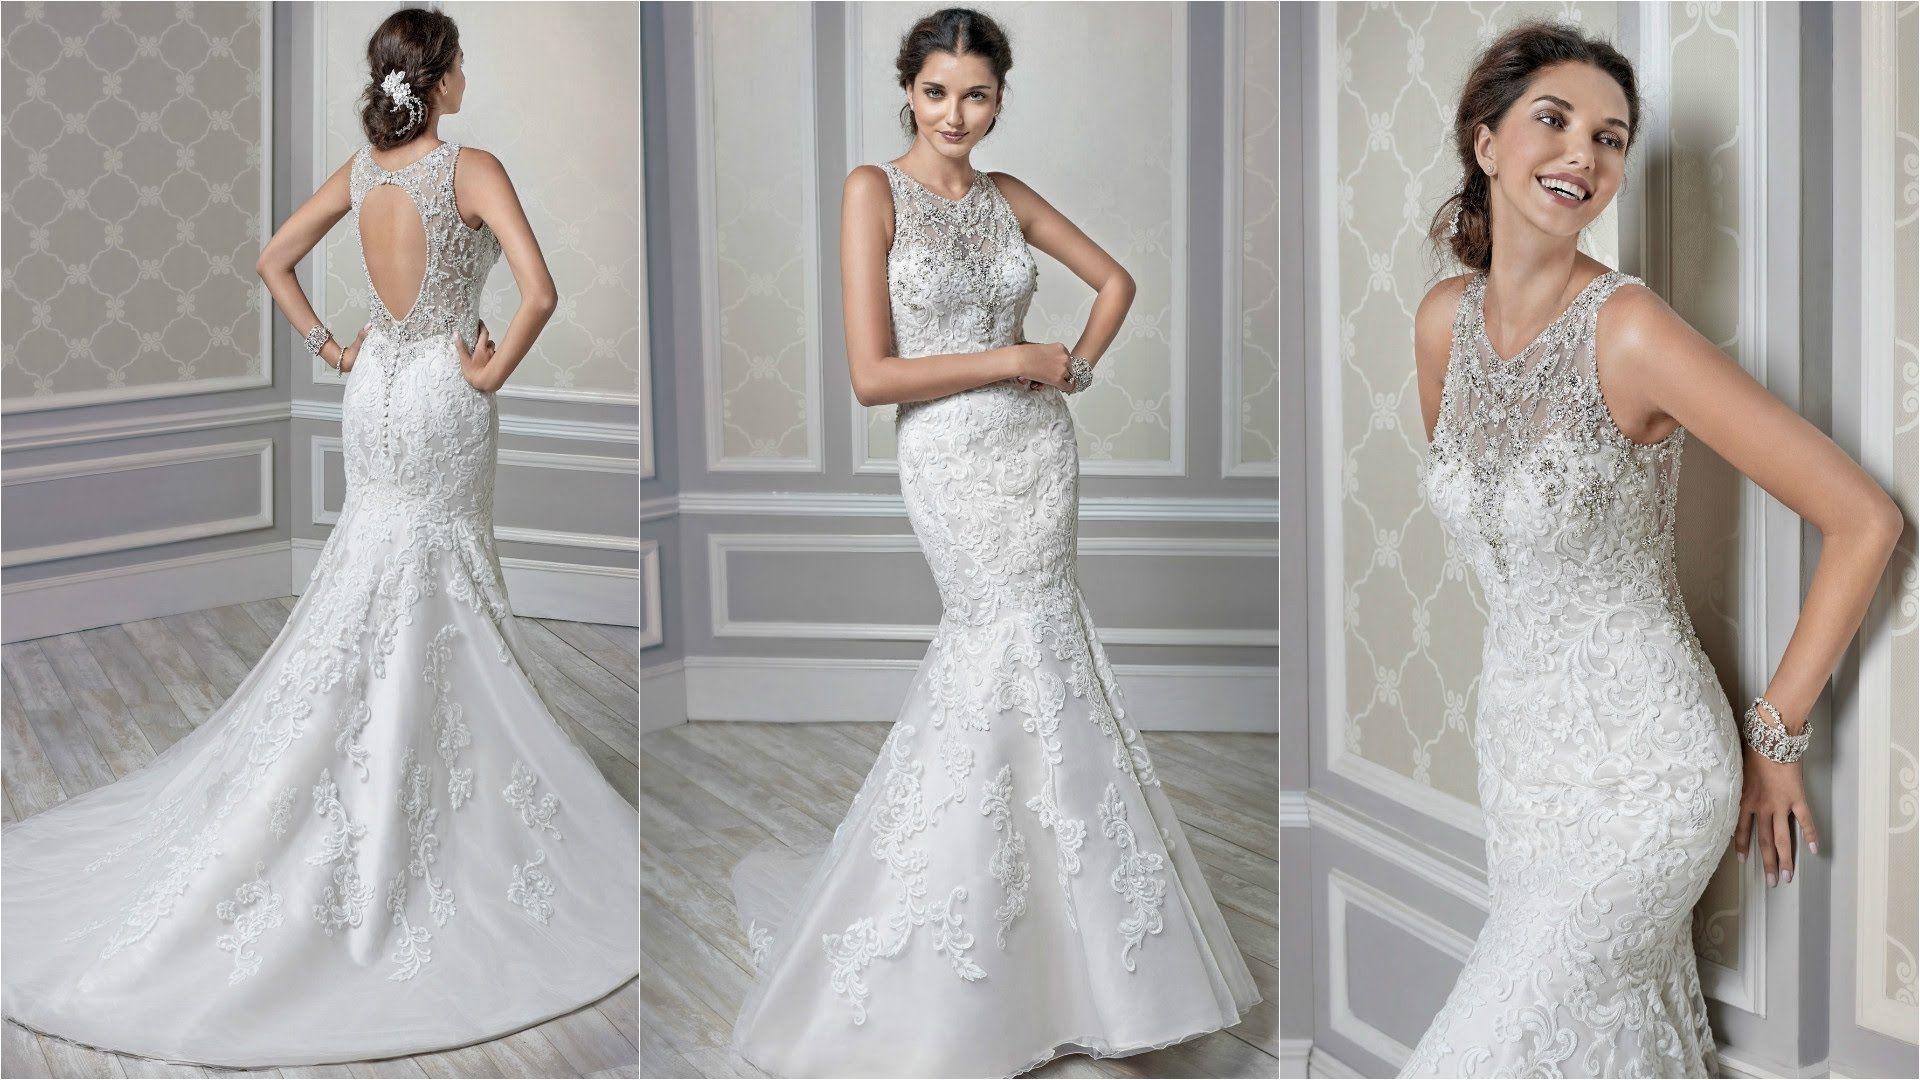 Backless Wedding Dresses Vera Wang   Wedding Dress   Pinterest ...